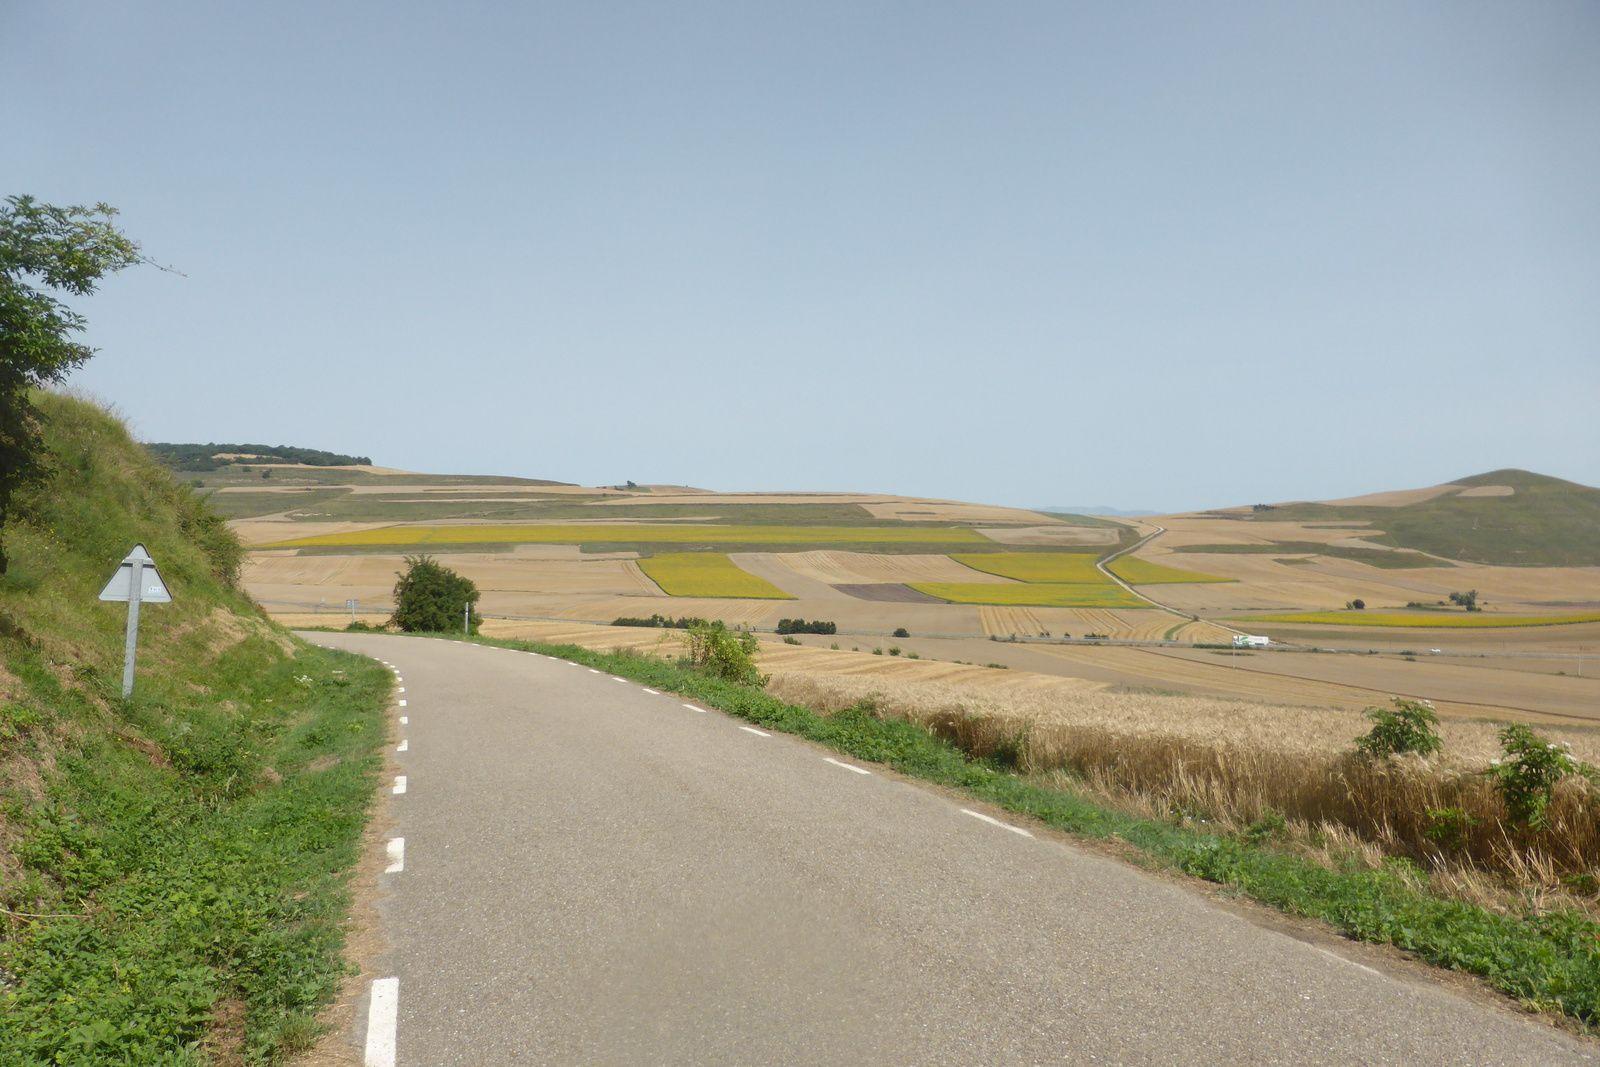 Puis après un repos bien mérité, nous prenons la route pour un court moment avant de reprendre le sentier qui longe la N-120.